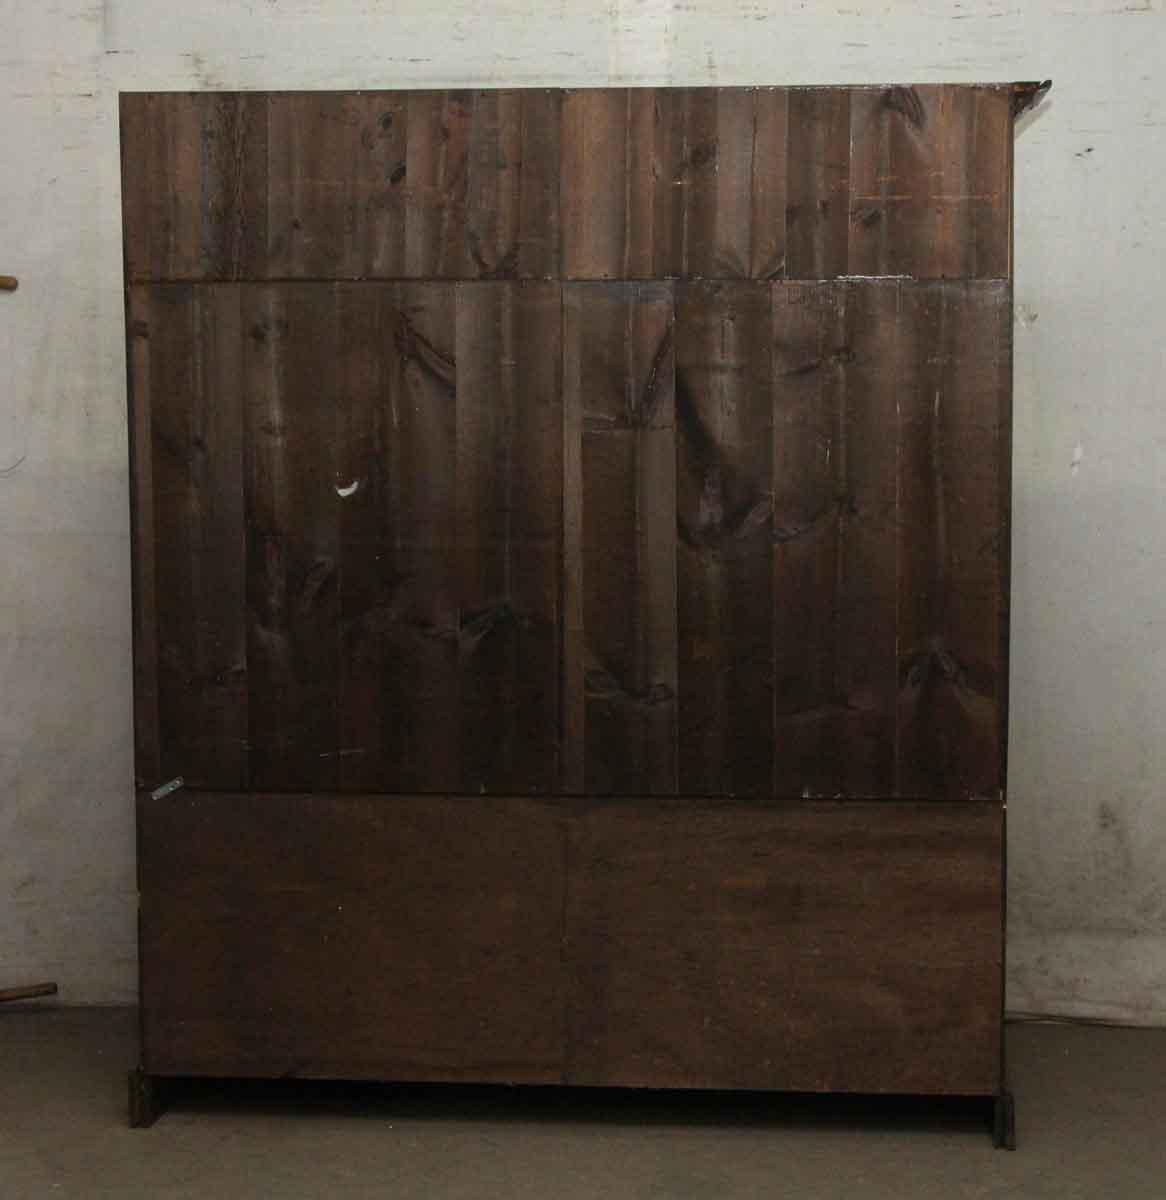 Large Vintage Dark Wood Tone Shelving Unit